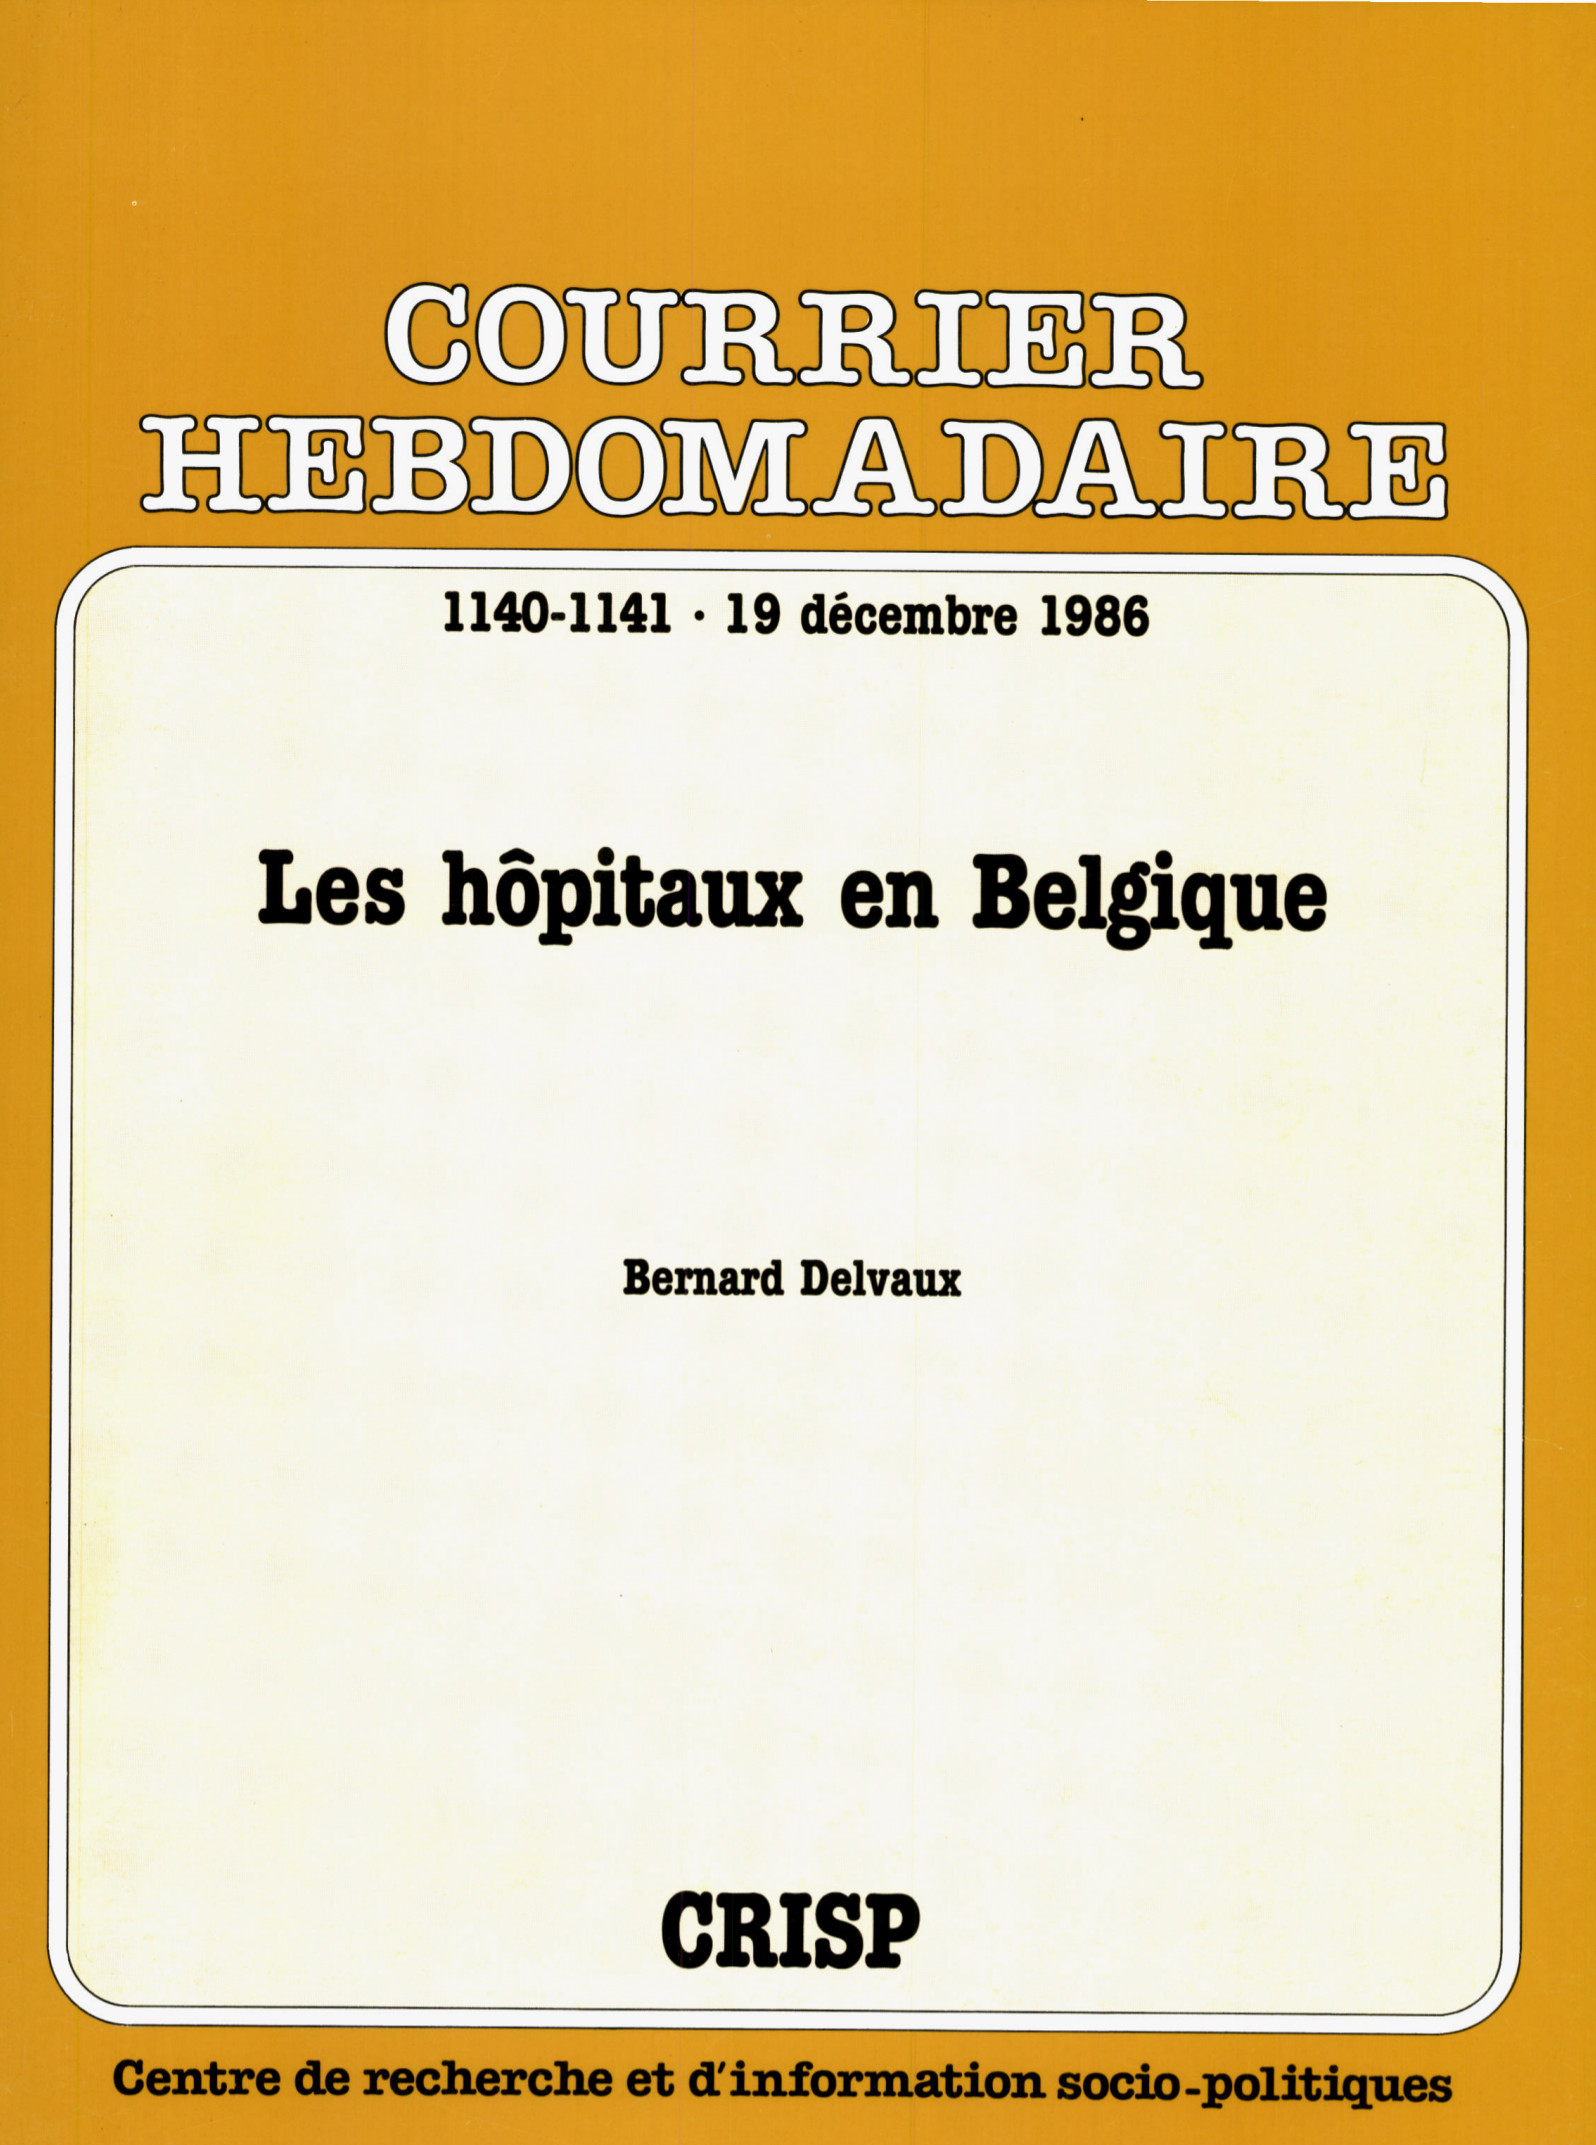 Les hôpitaux en Belgique | Cairn.info